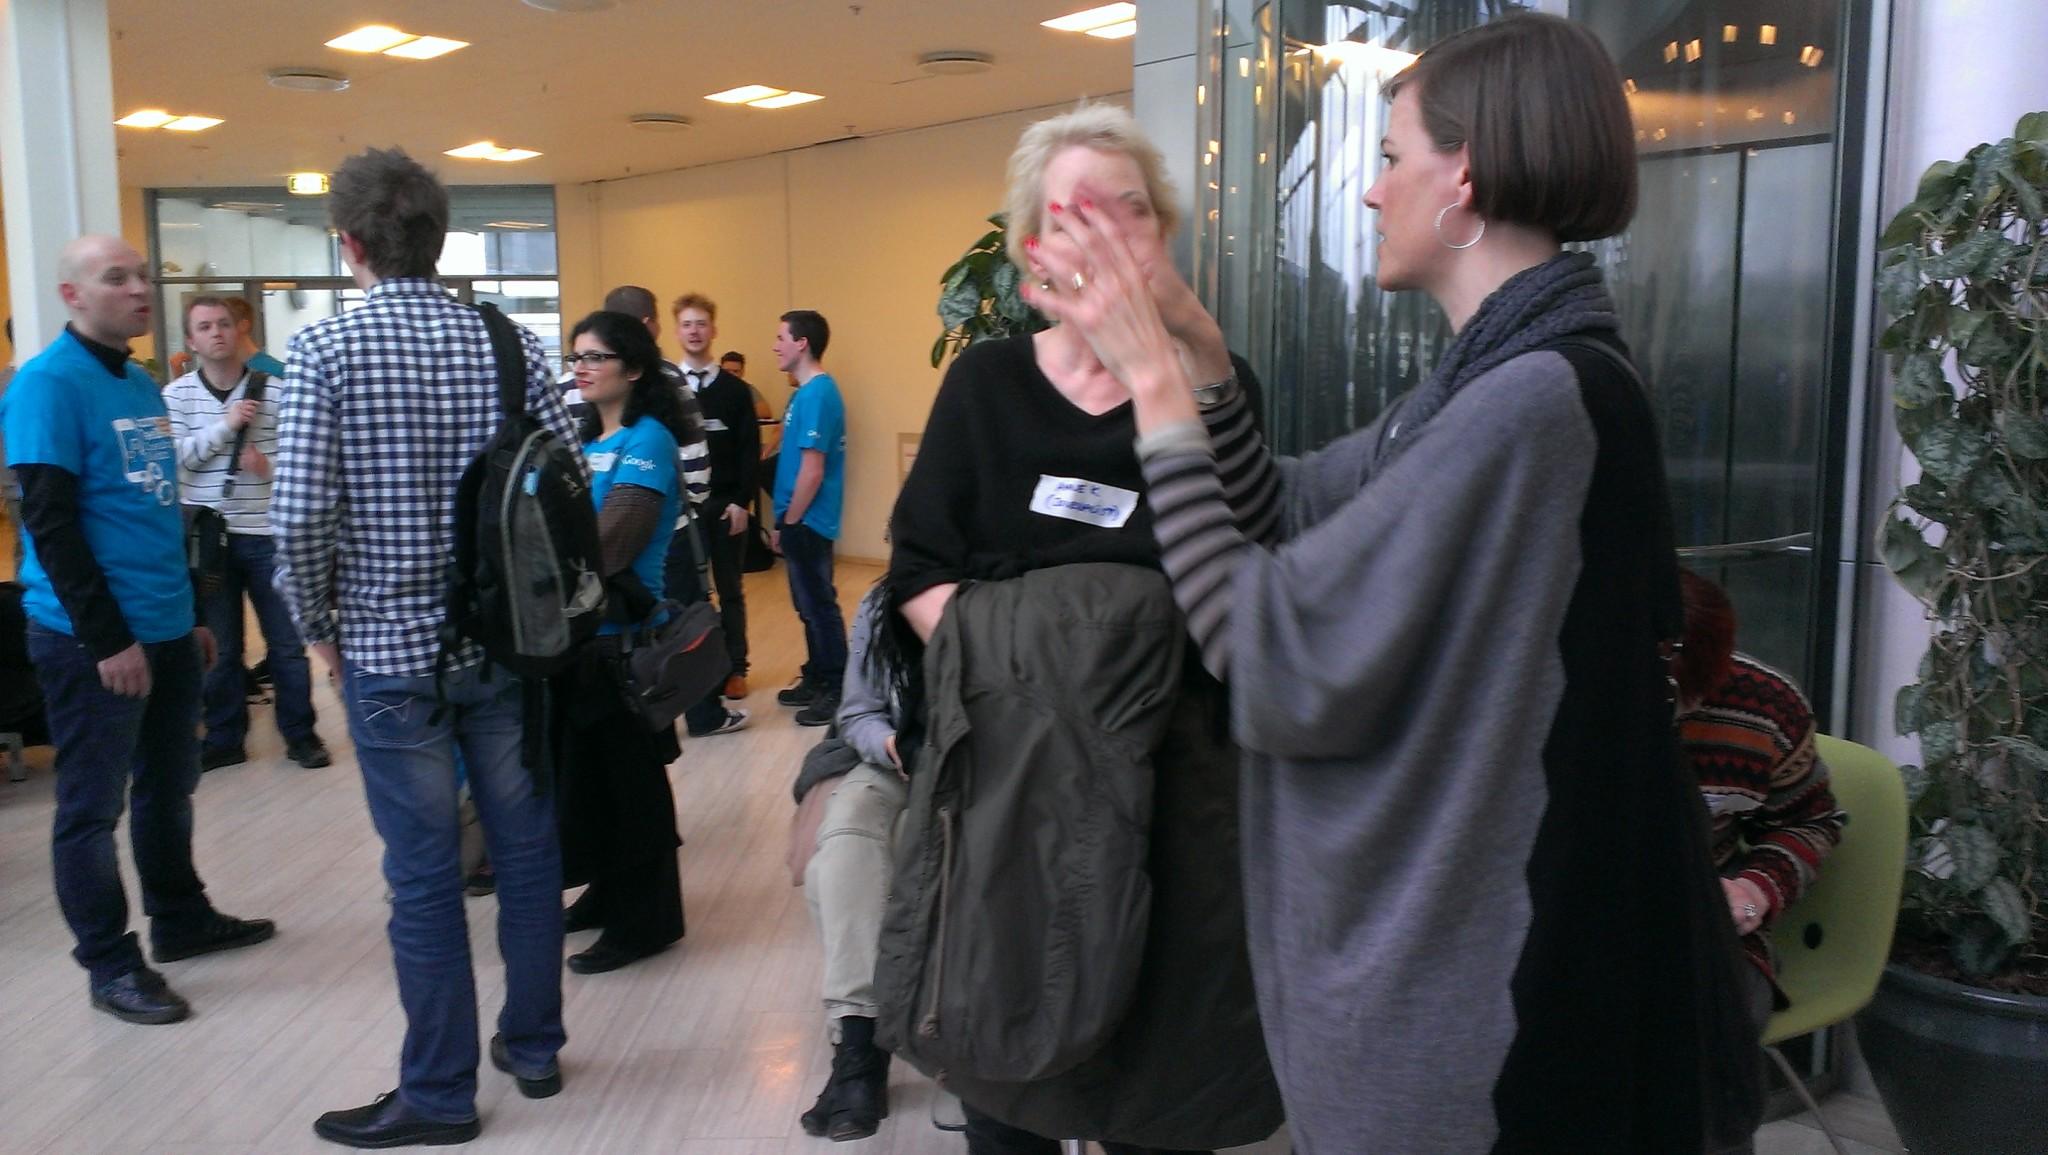 Det glæder deltagerne sig til på swcphmedia